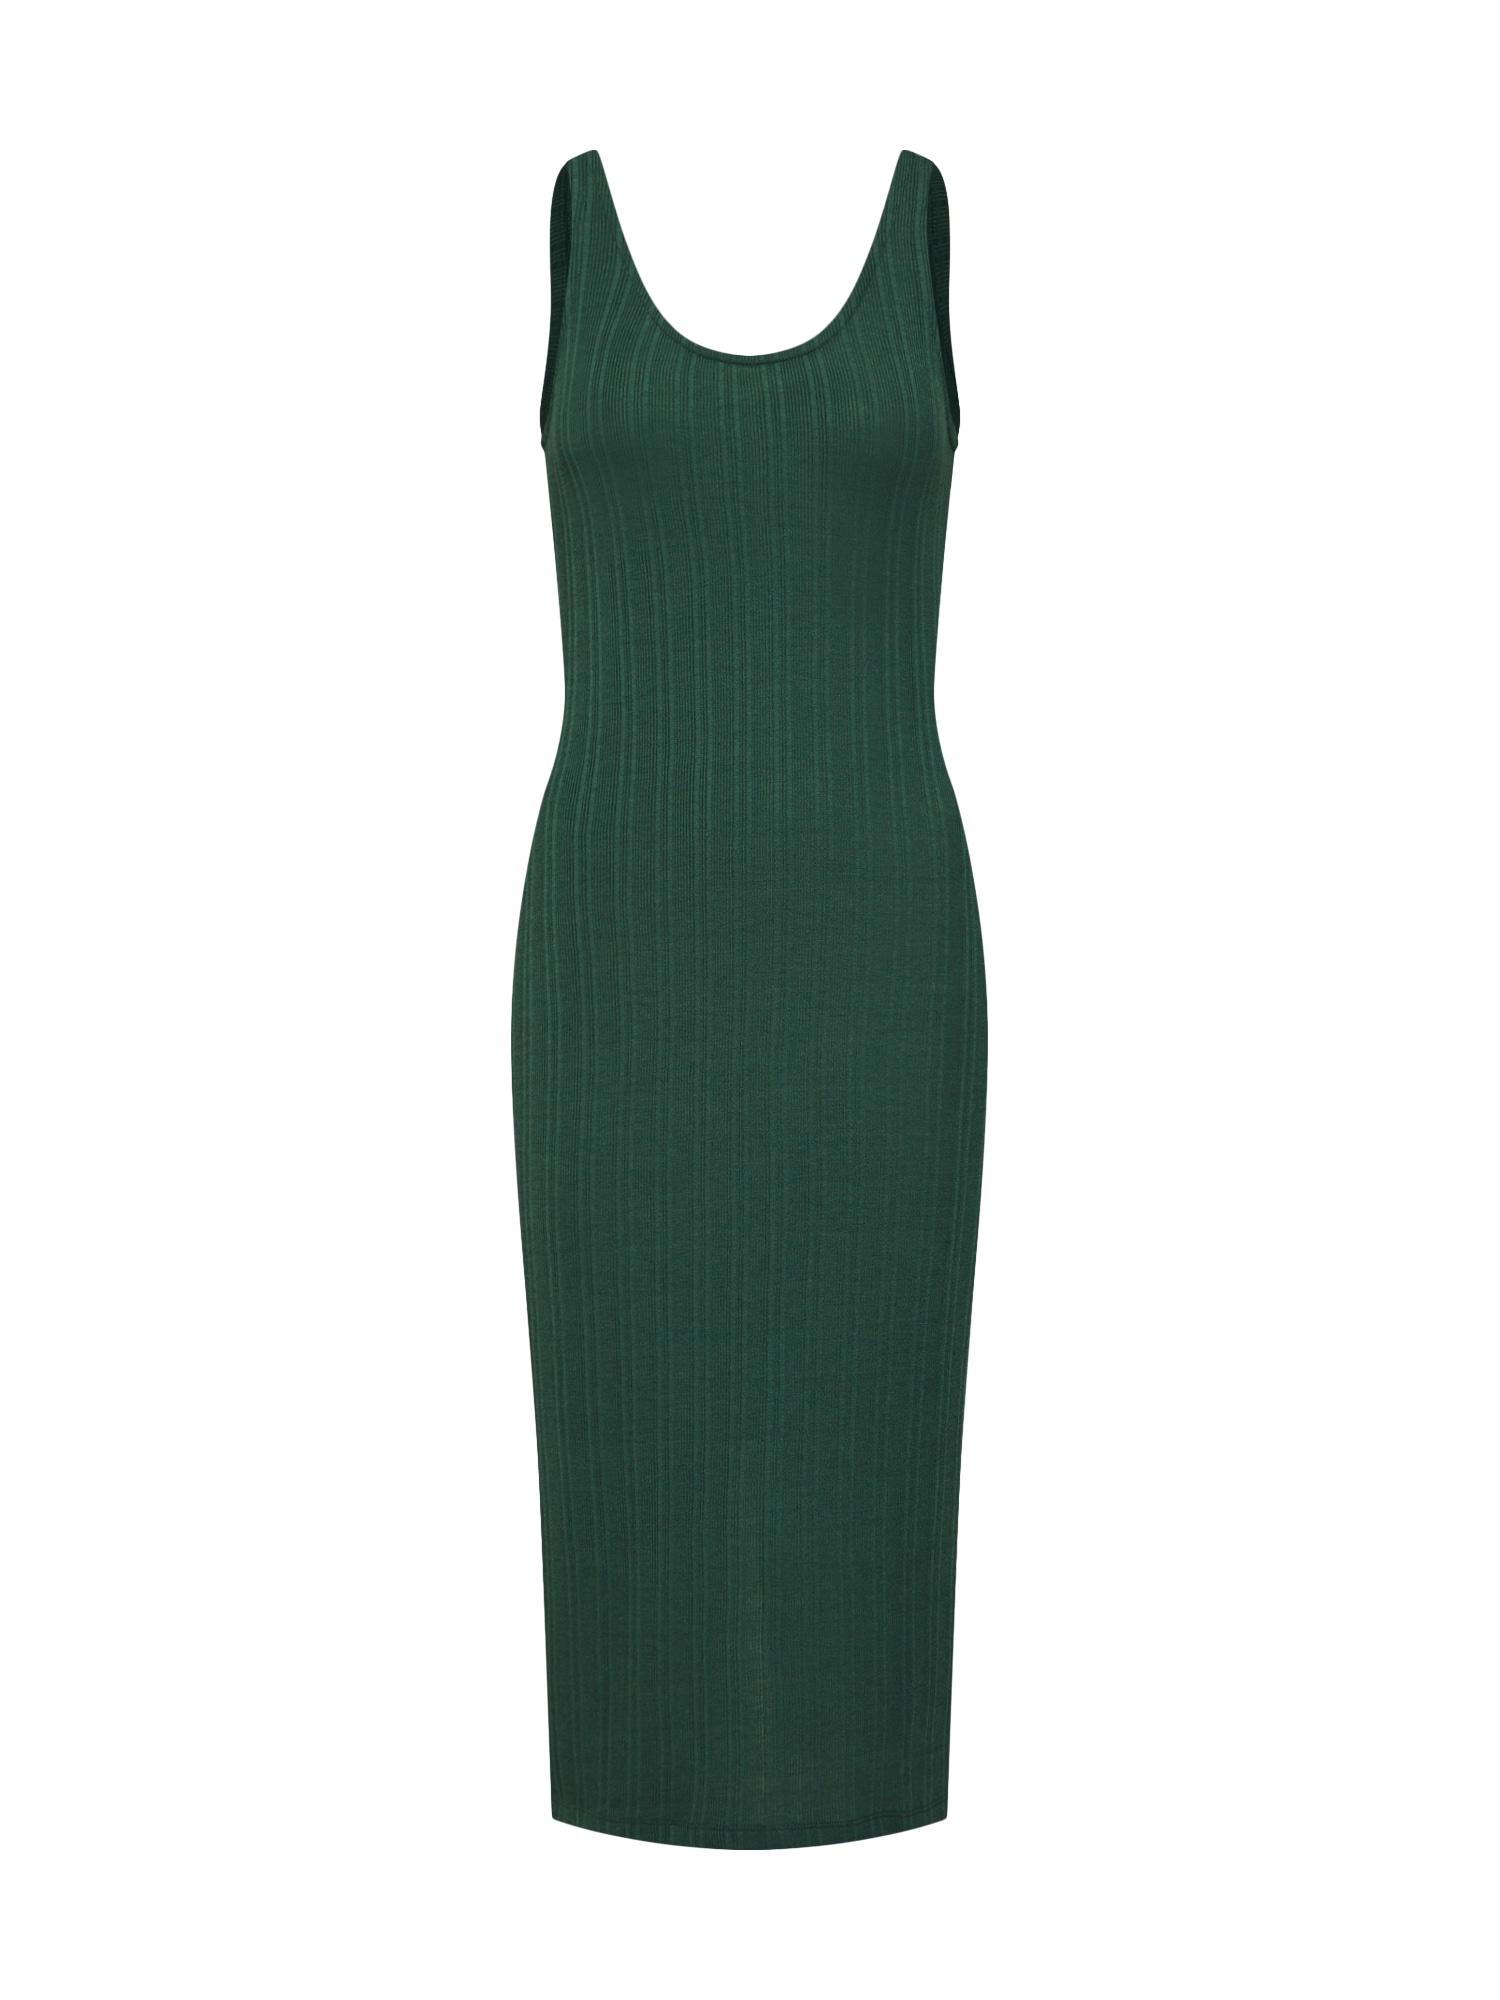 Šaty Shenay tmavě zelená EDITED